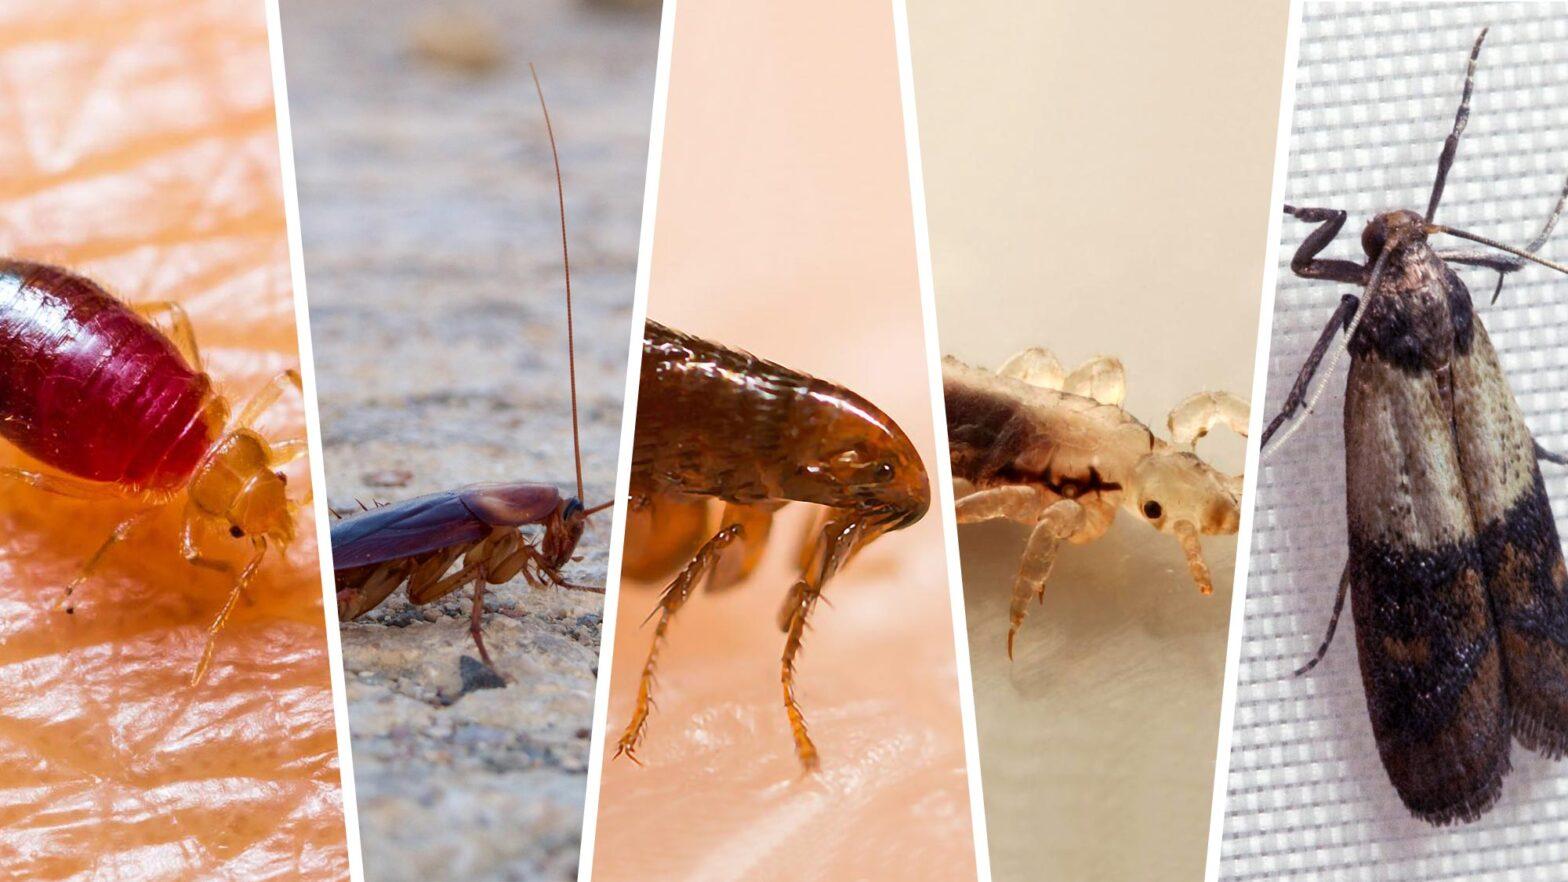 5 Creepy Crawlies You Share Your Home